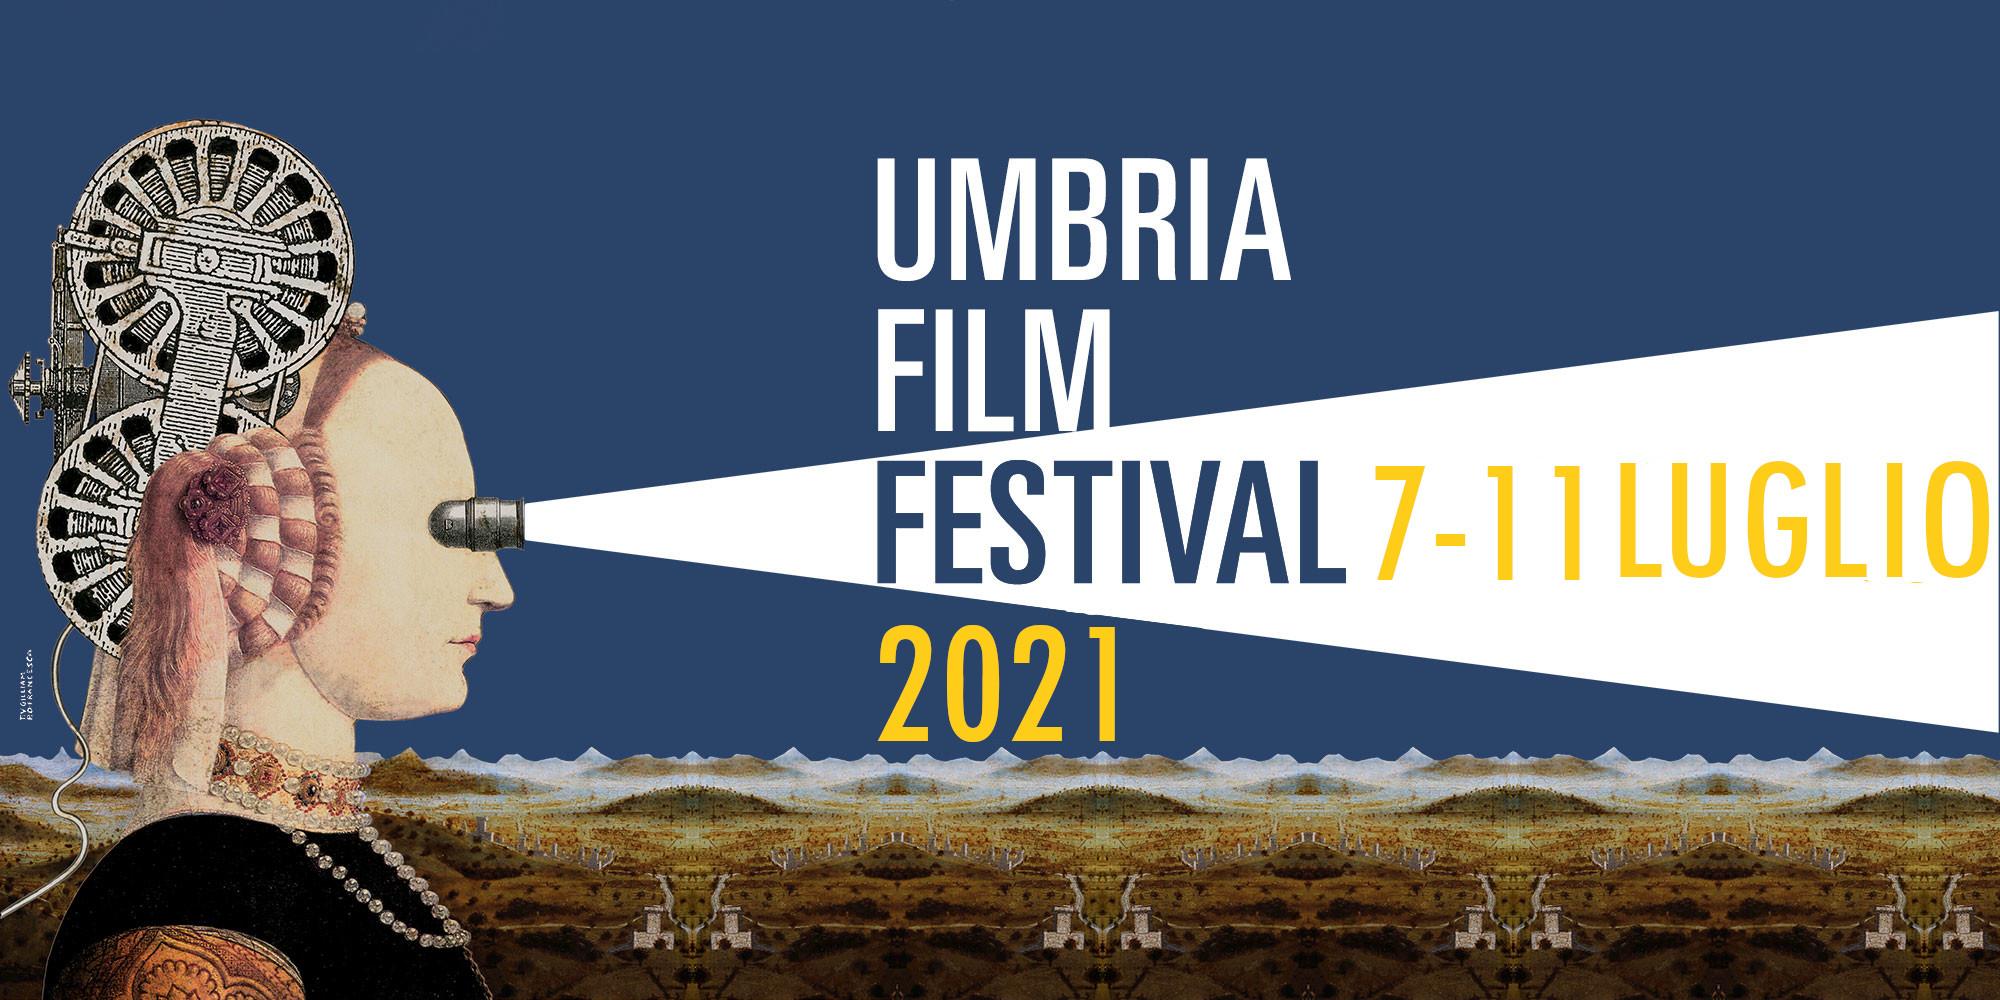 umbria film festival 2021